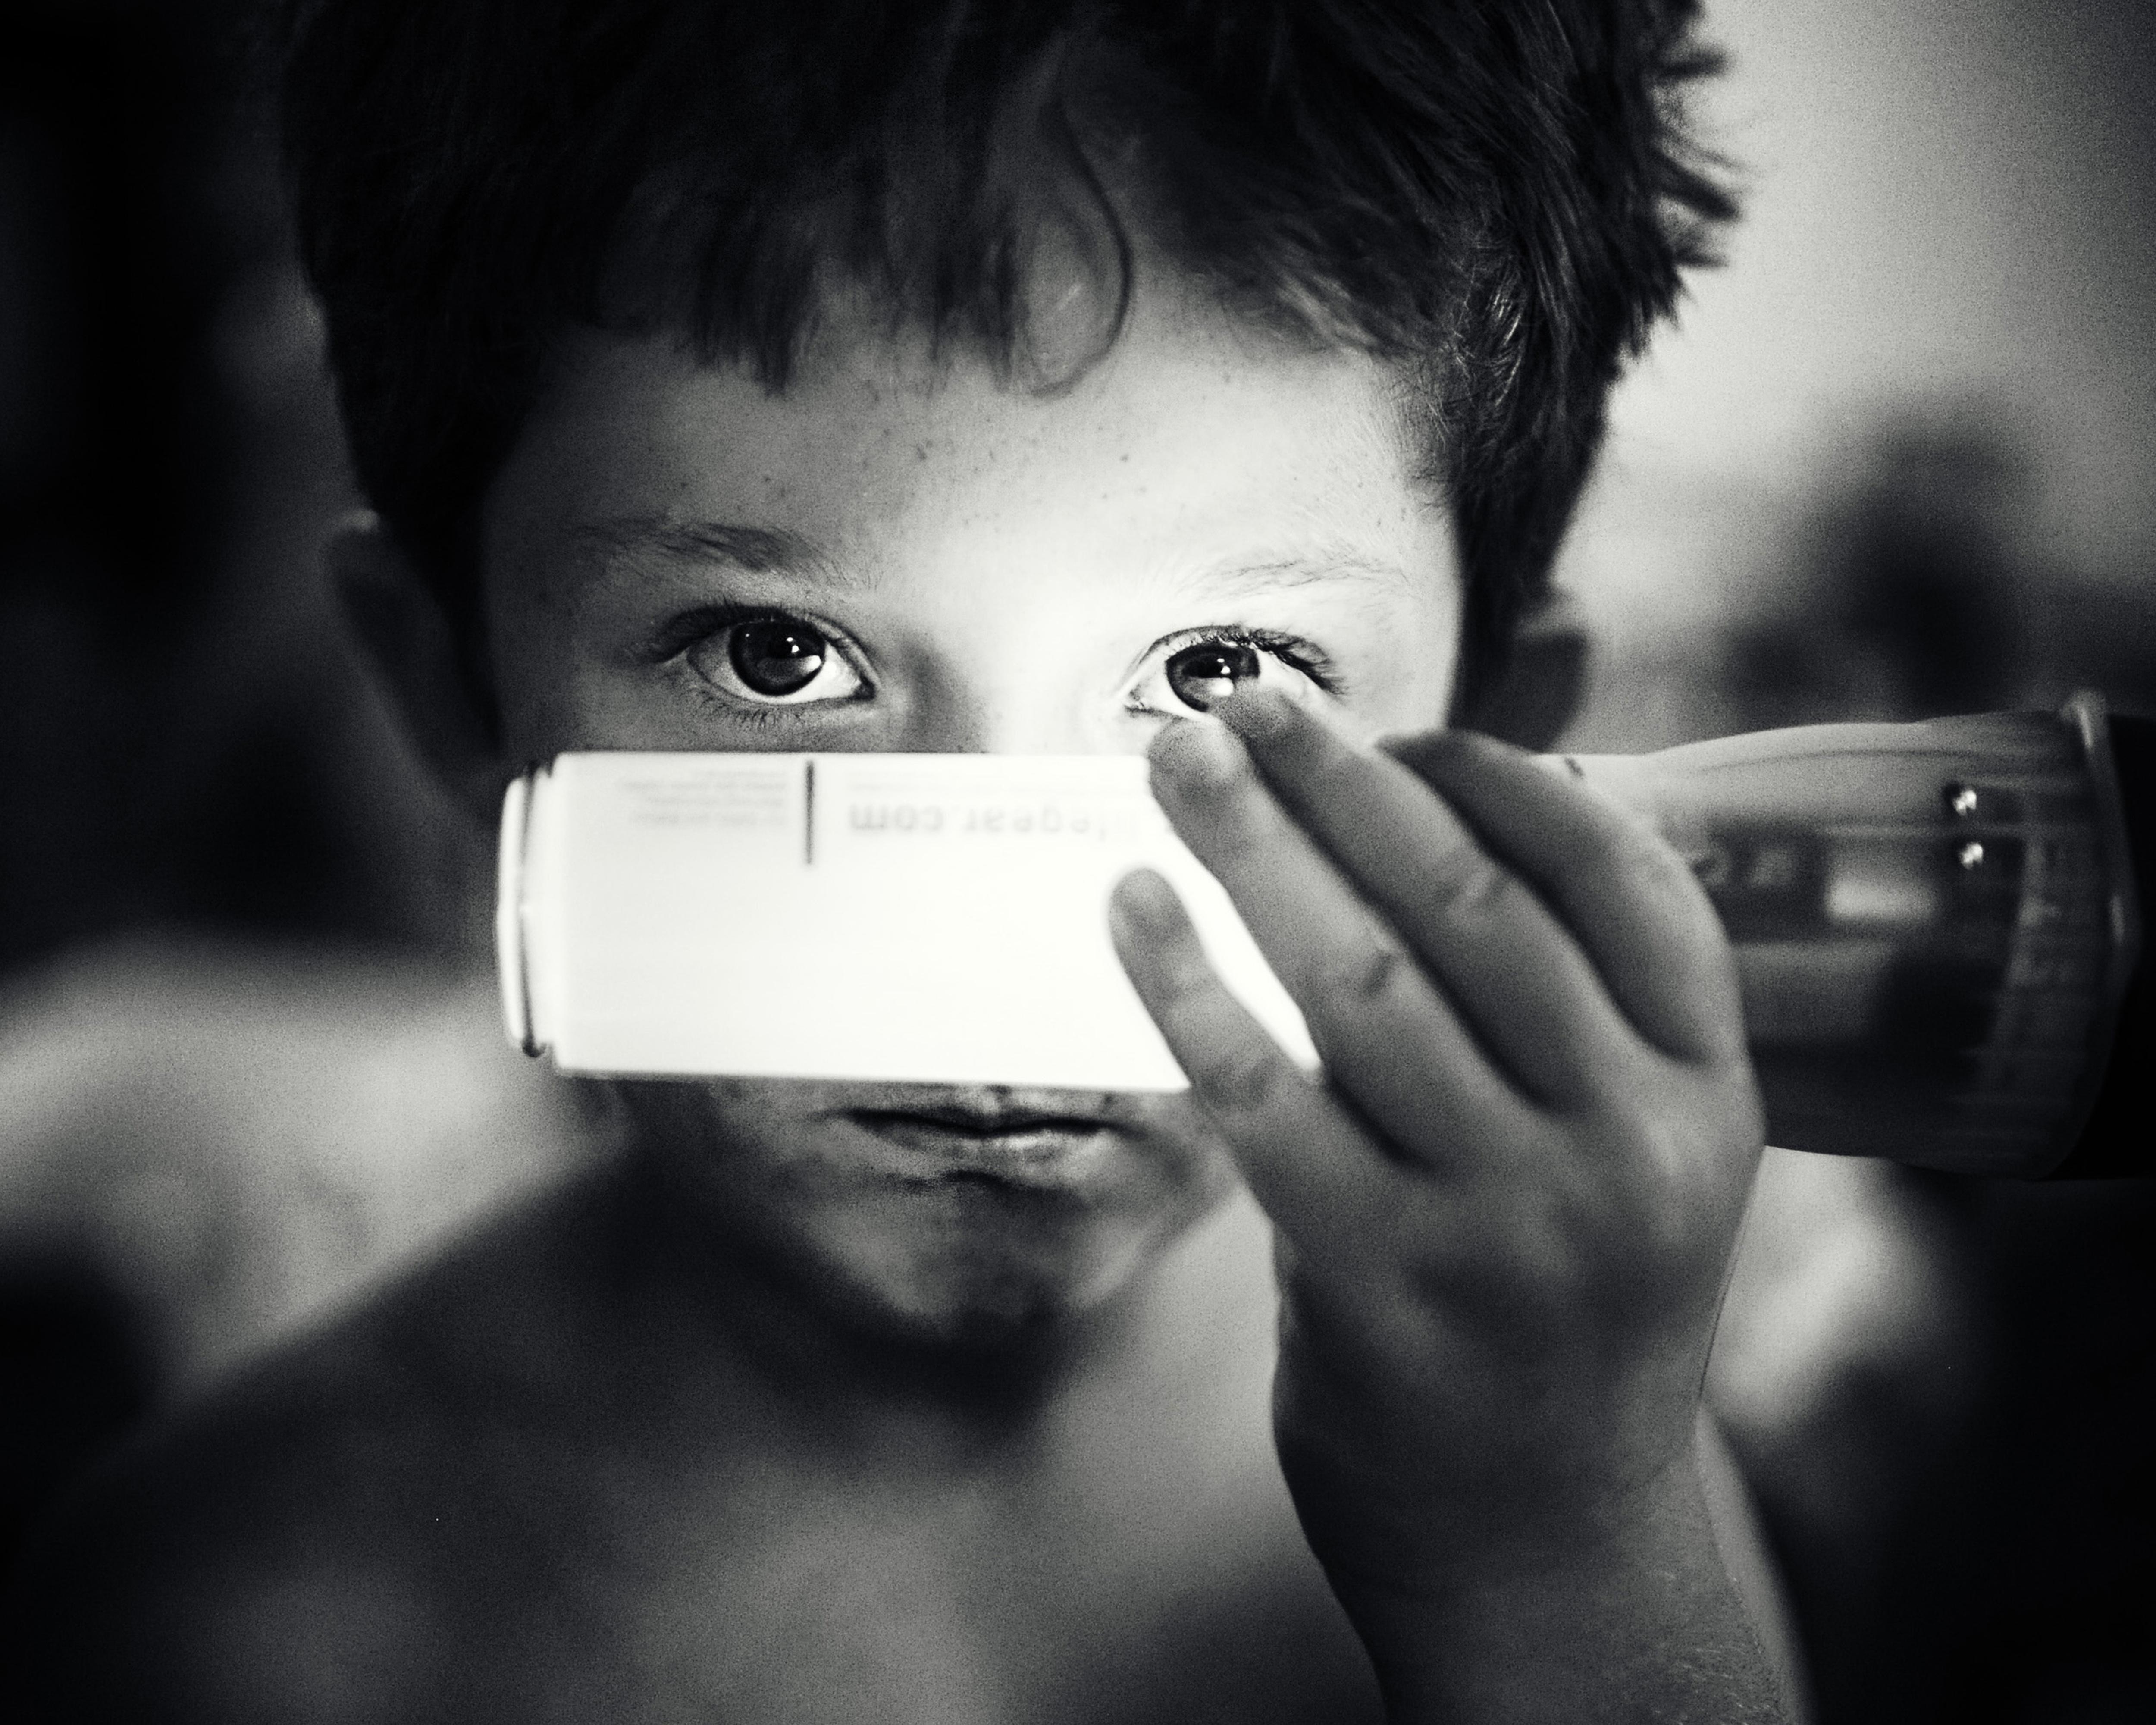 Gambar tangan orang cahaya hitam dan putih gadis anak